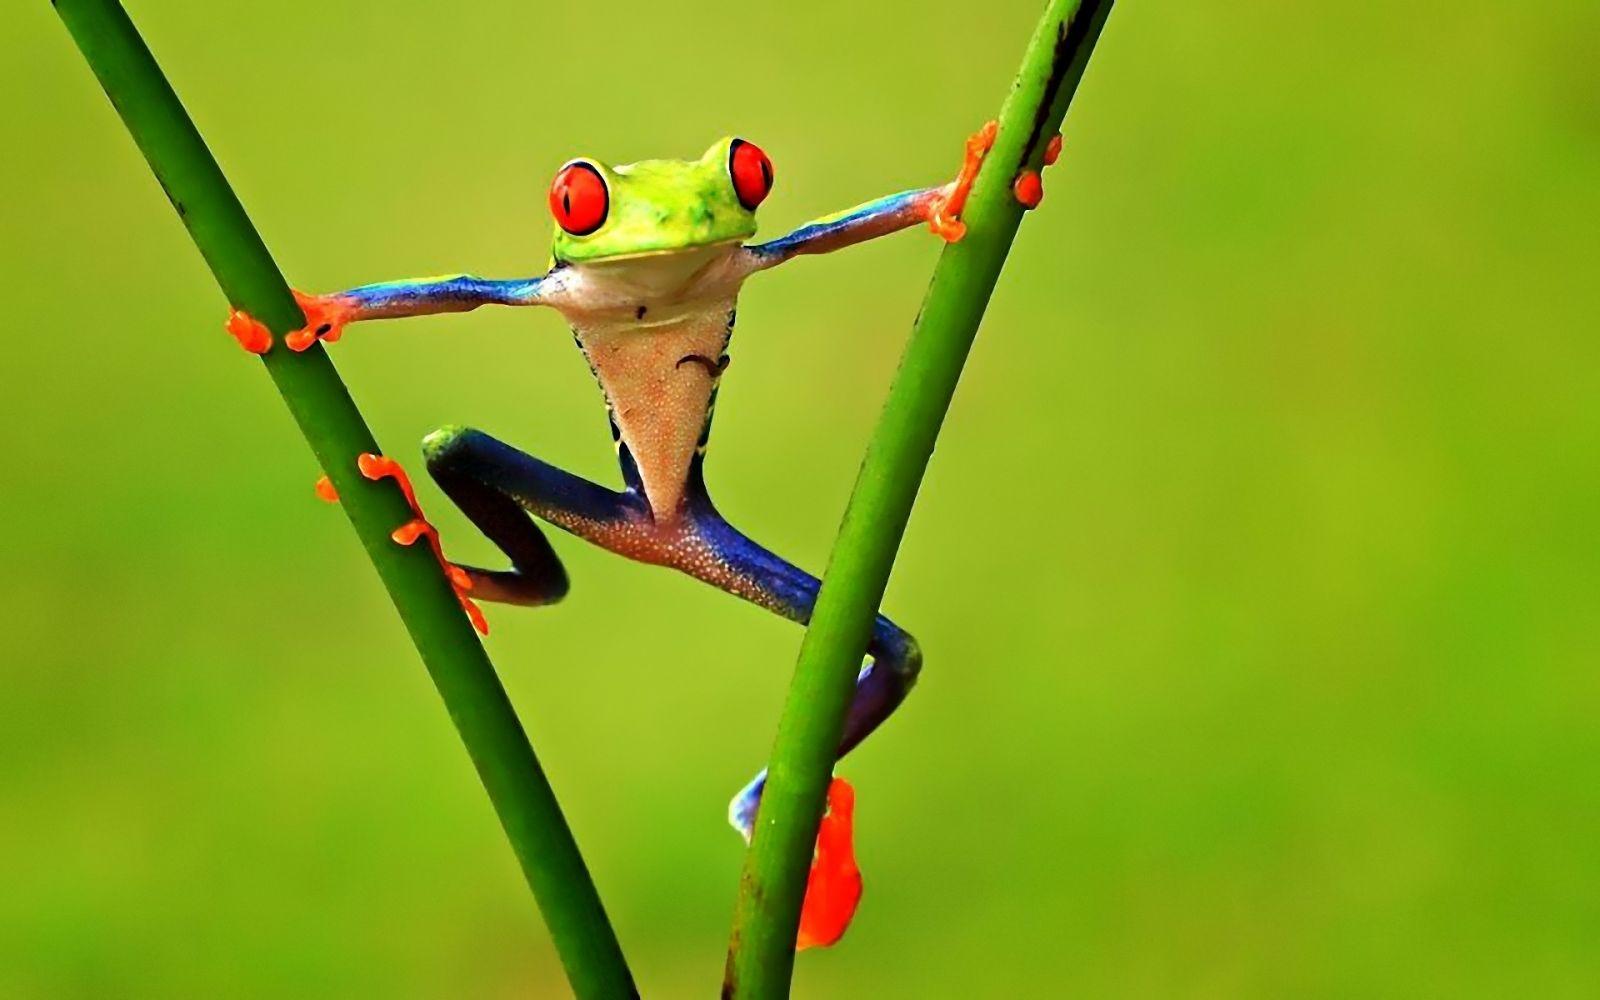 Hình nền ếch màu xanh